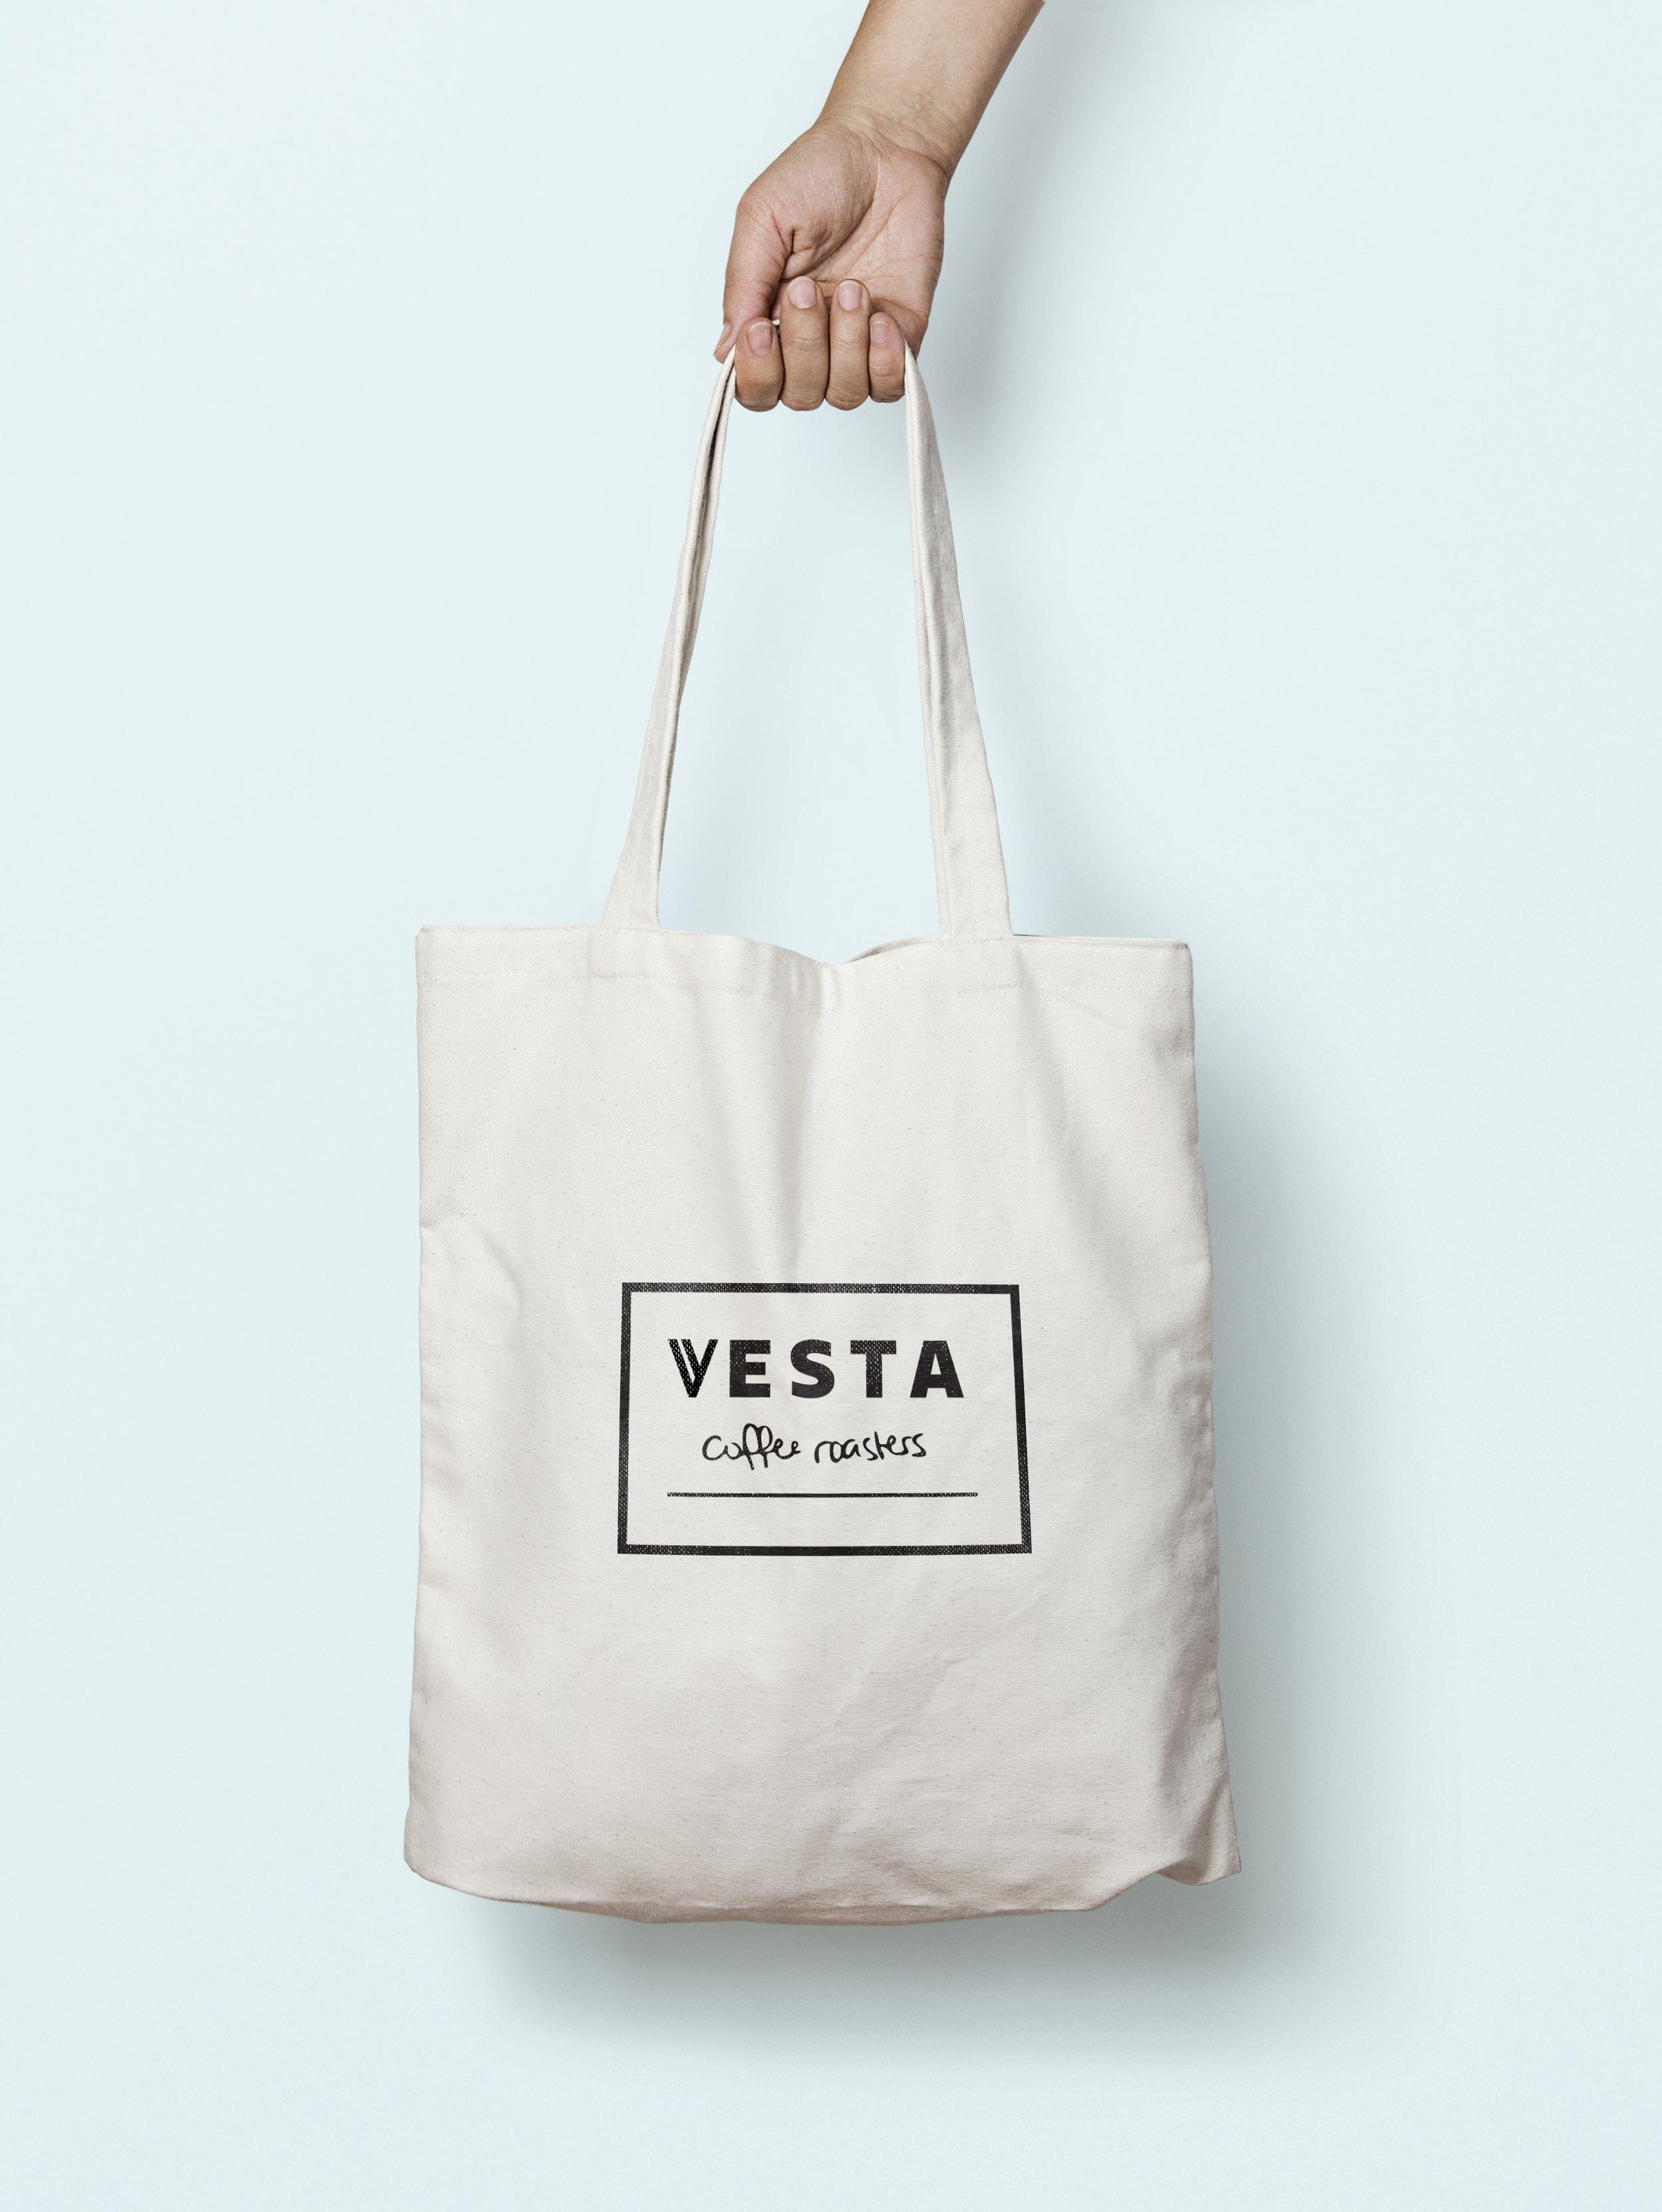 VESTA_Canvas Tote Bag MockUp.jpg